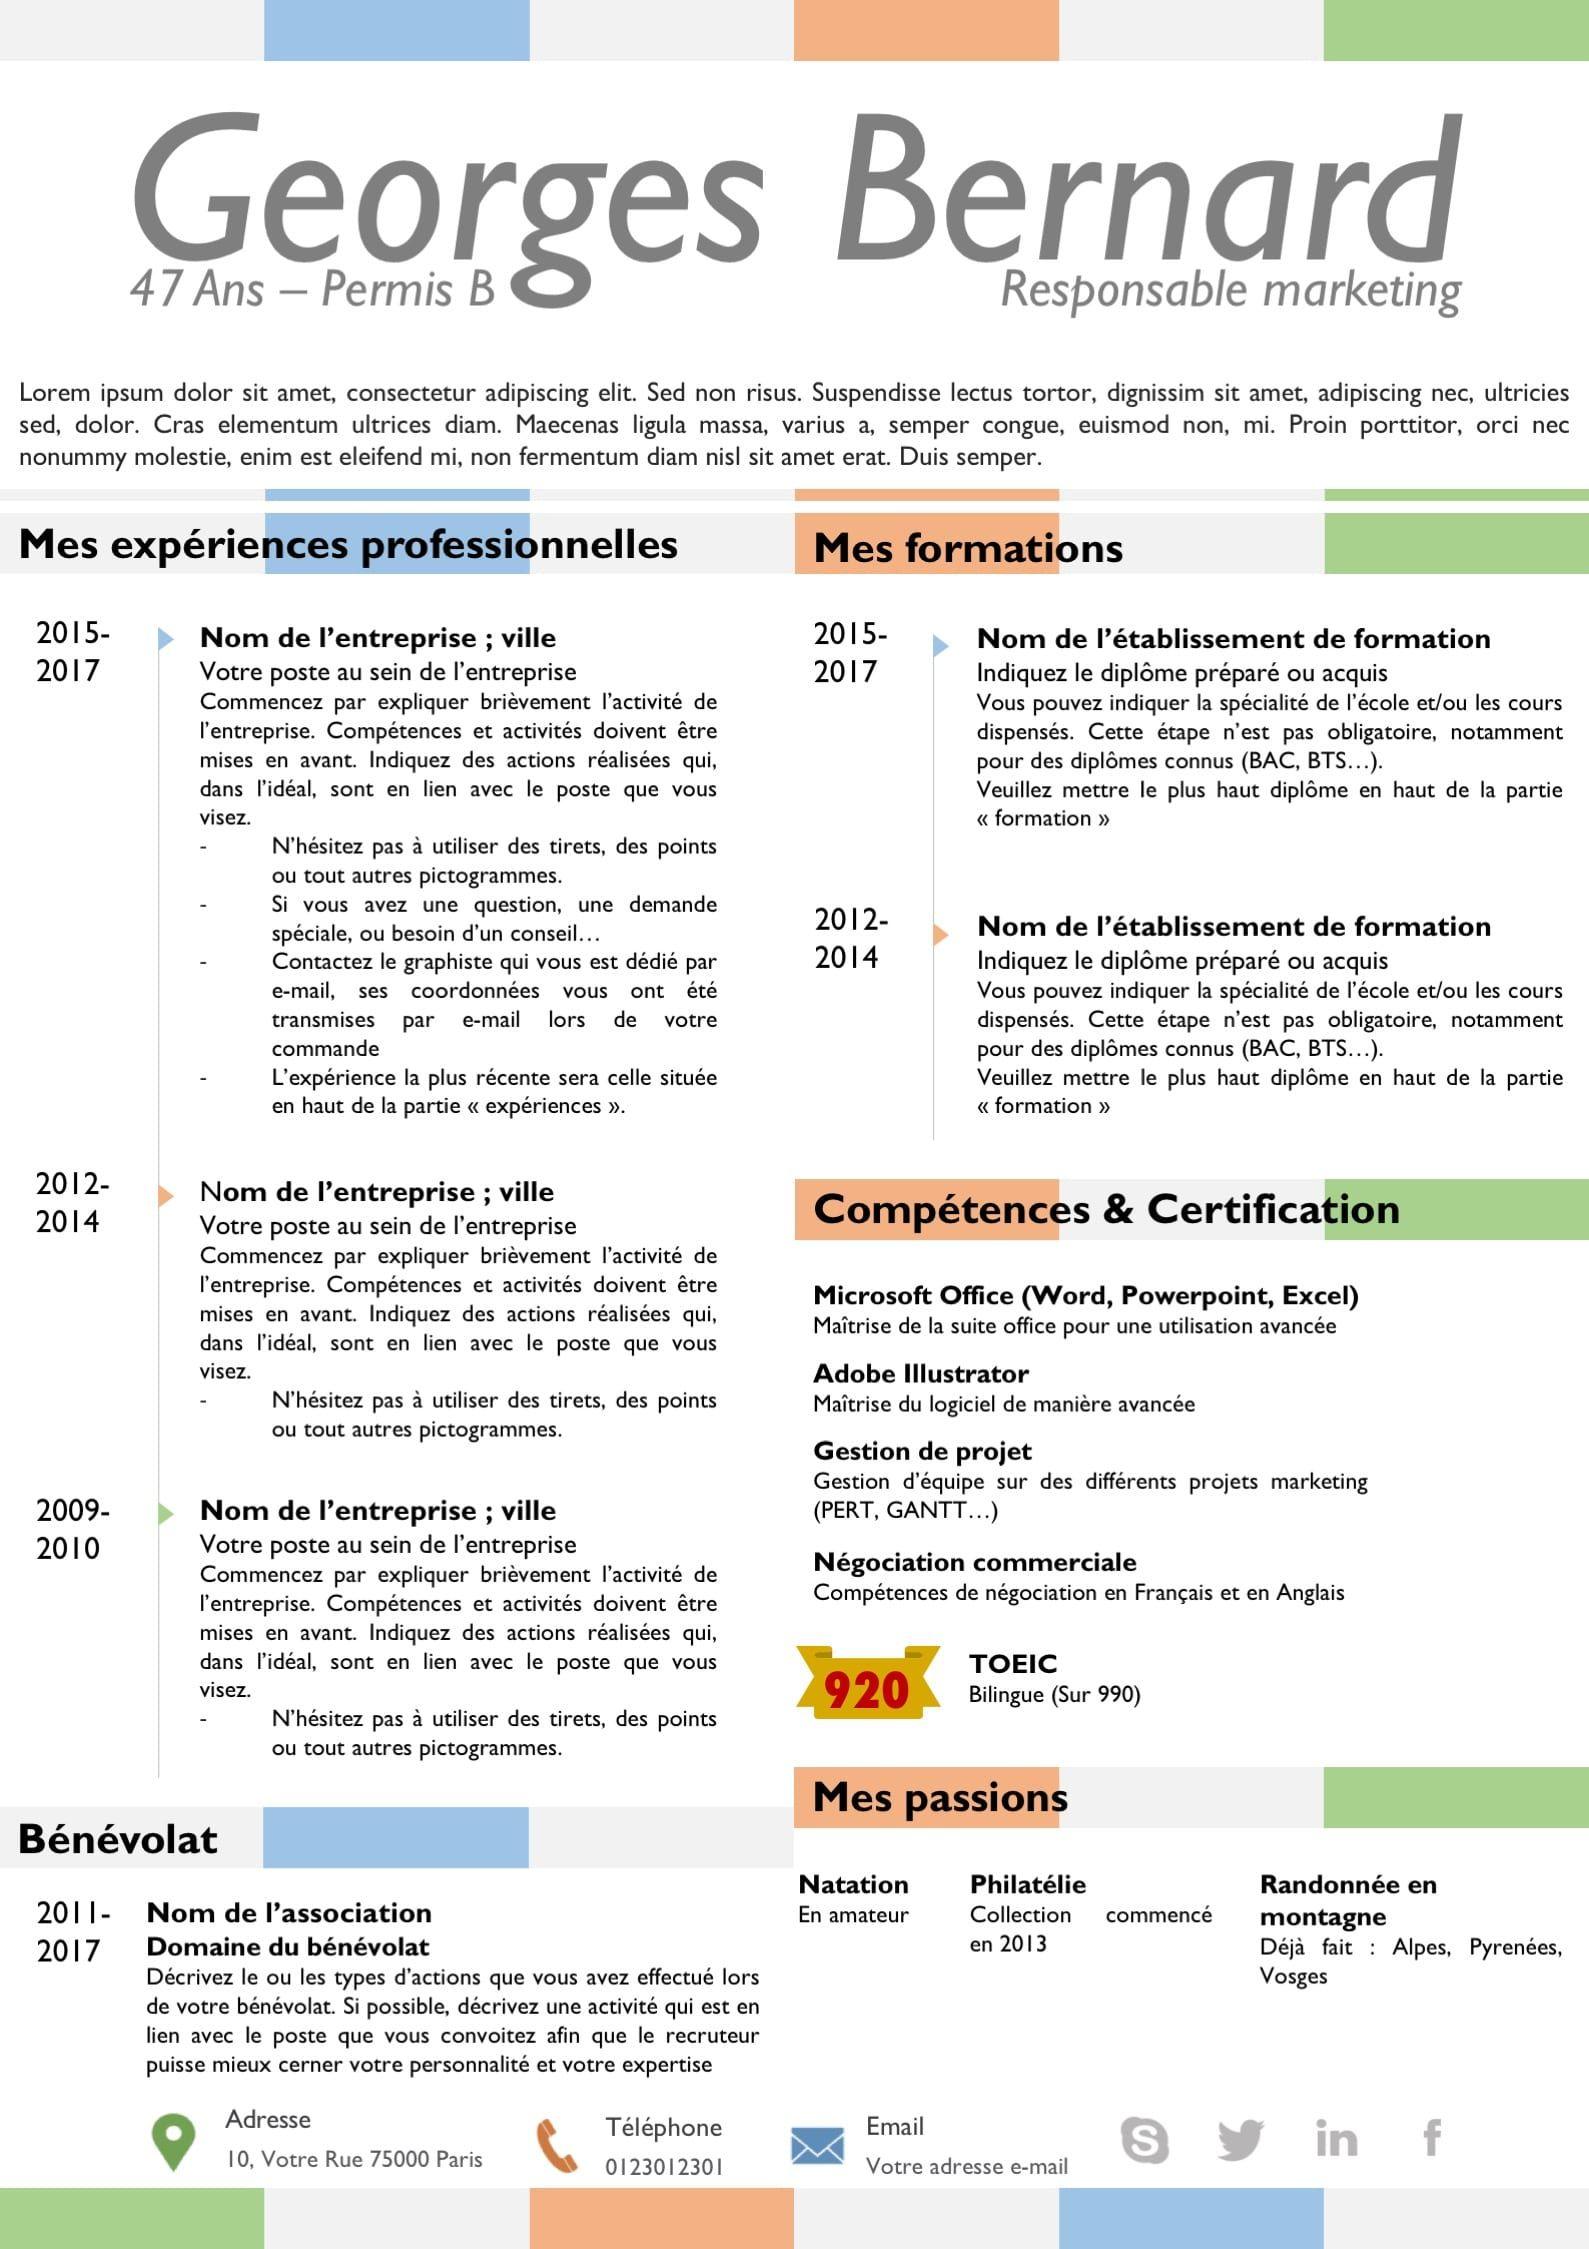 Modeles Cv Et Lettre De Motivation Multicolore Modifiable Pour 6 99 Modele De Cv Design Lettre De Motivation Modele Cv